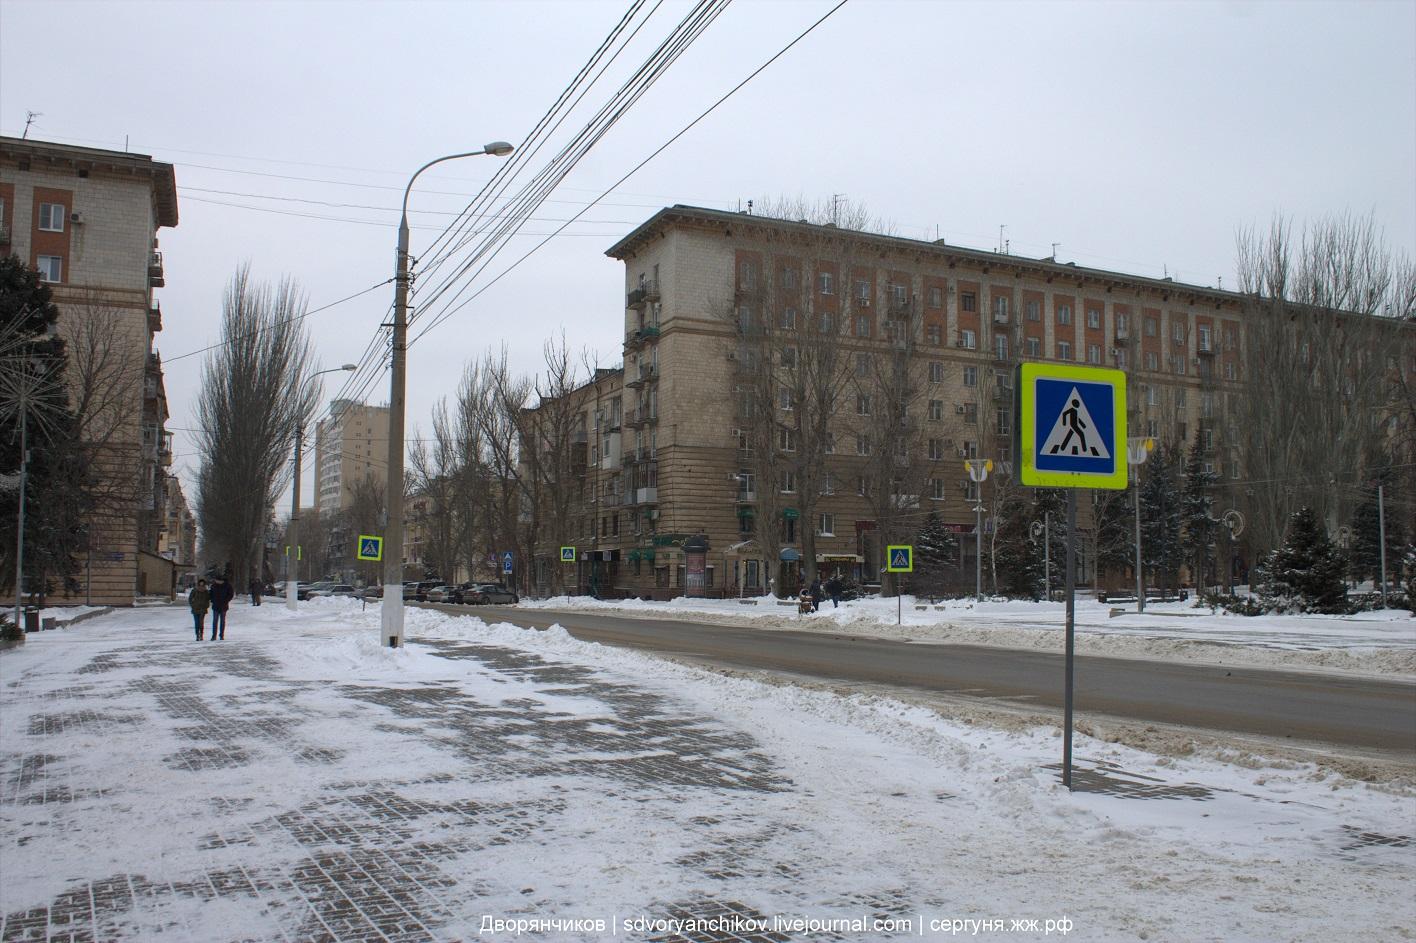 Волгоград - Аллея героев - Советская - Набережная - февраль 2018